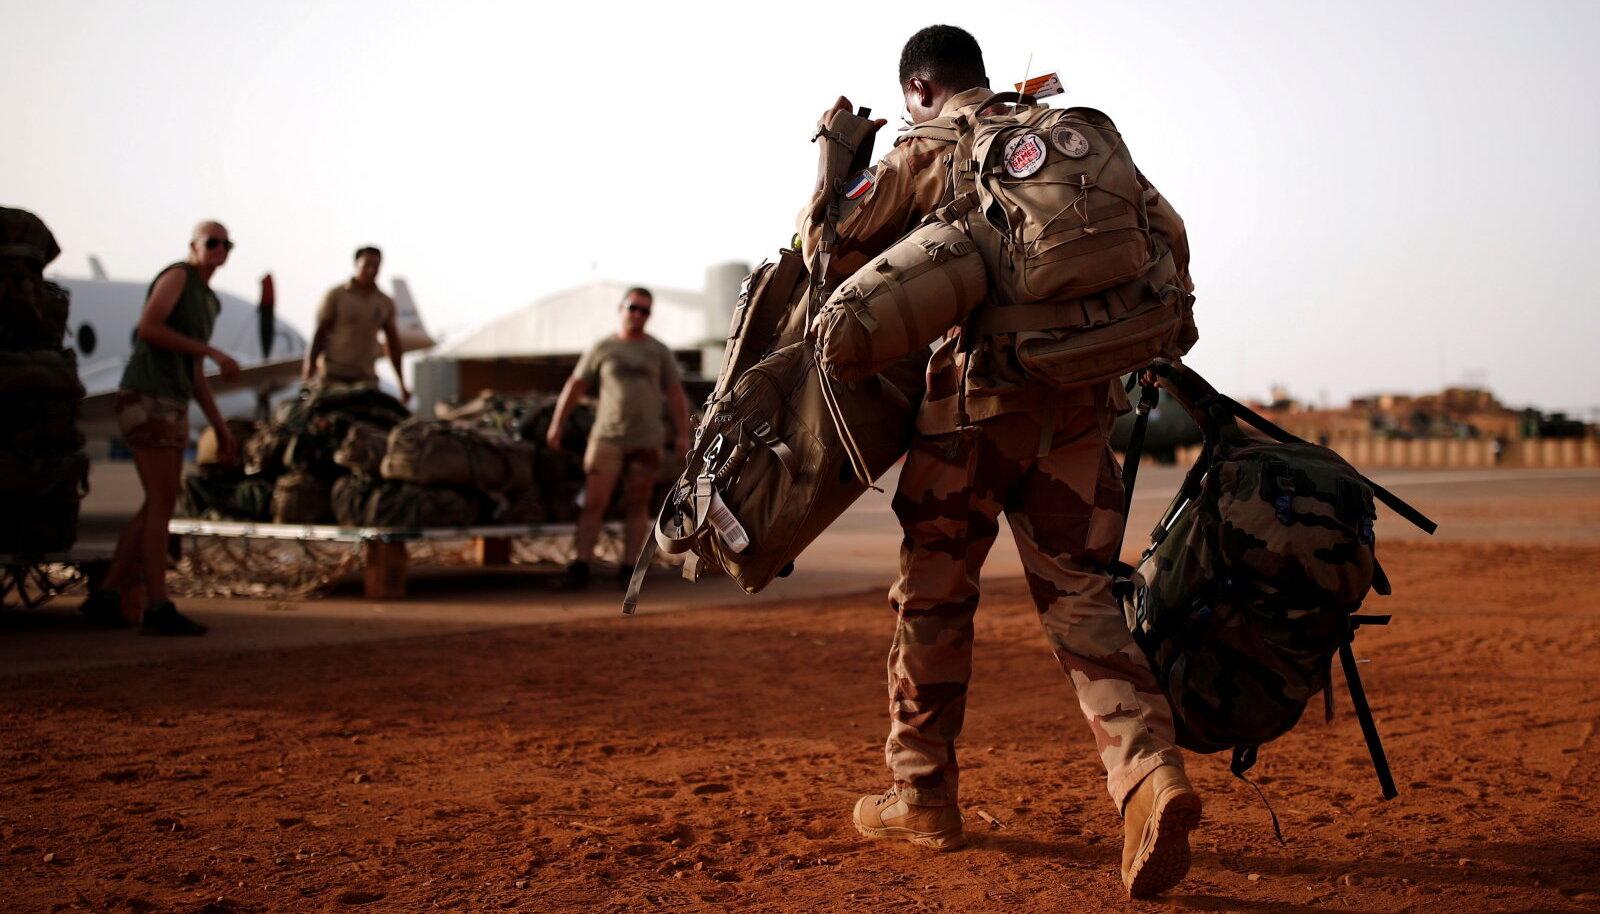 Prantsuse sõdur möödunud kuul Malis Gaos.